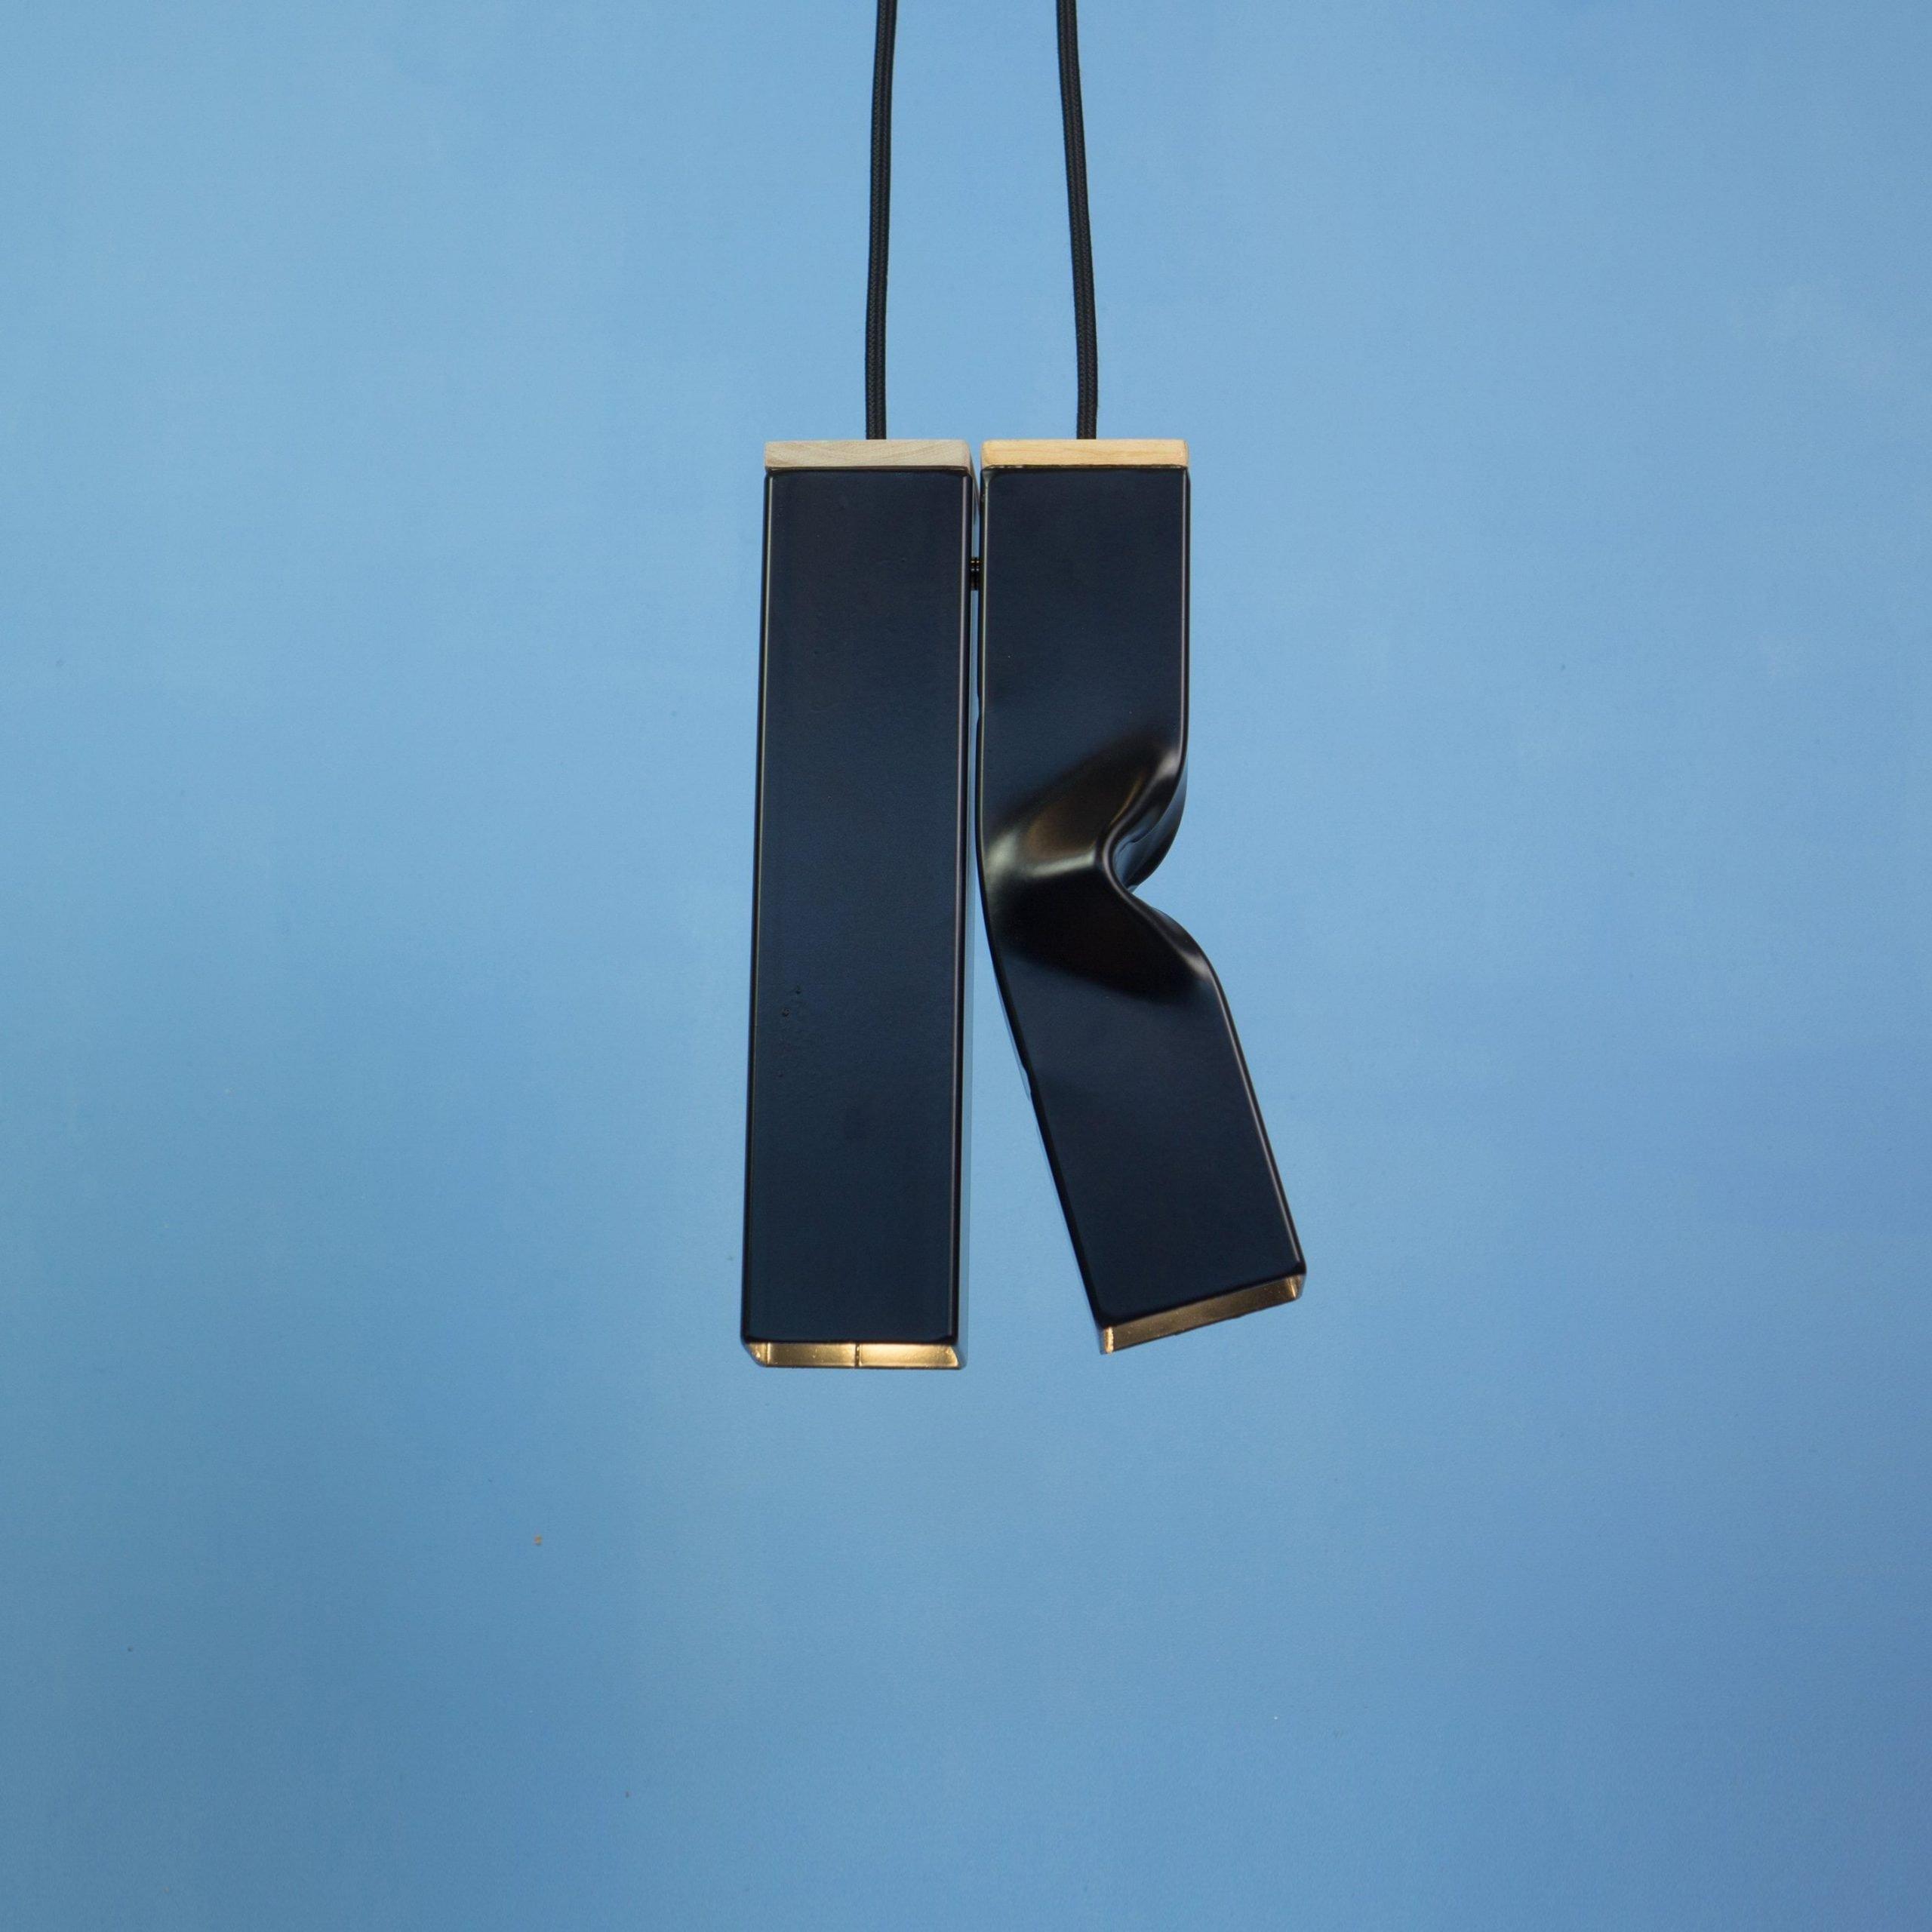 De Andy & Bendy lampen van Tolhuijs Design zijn industriële hanglampen gemaakt van afval. In 4 kleuren bij Studio Perspective.